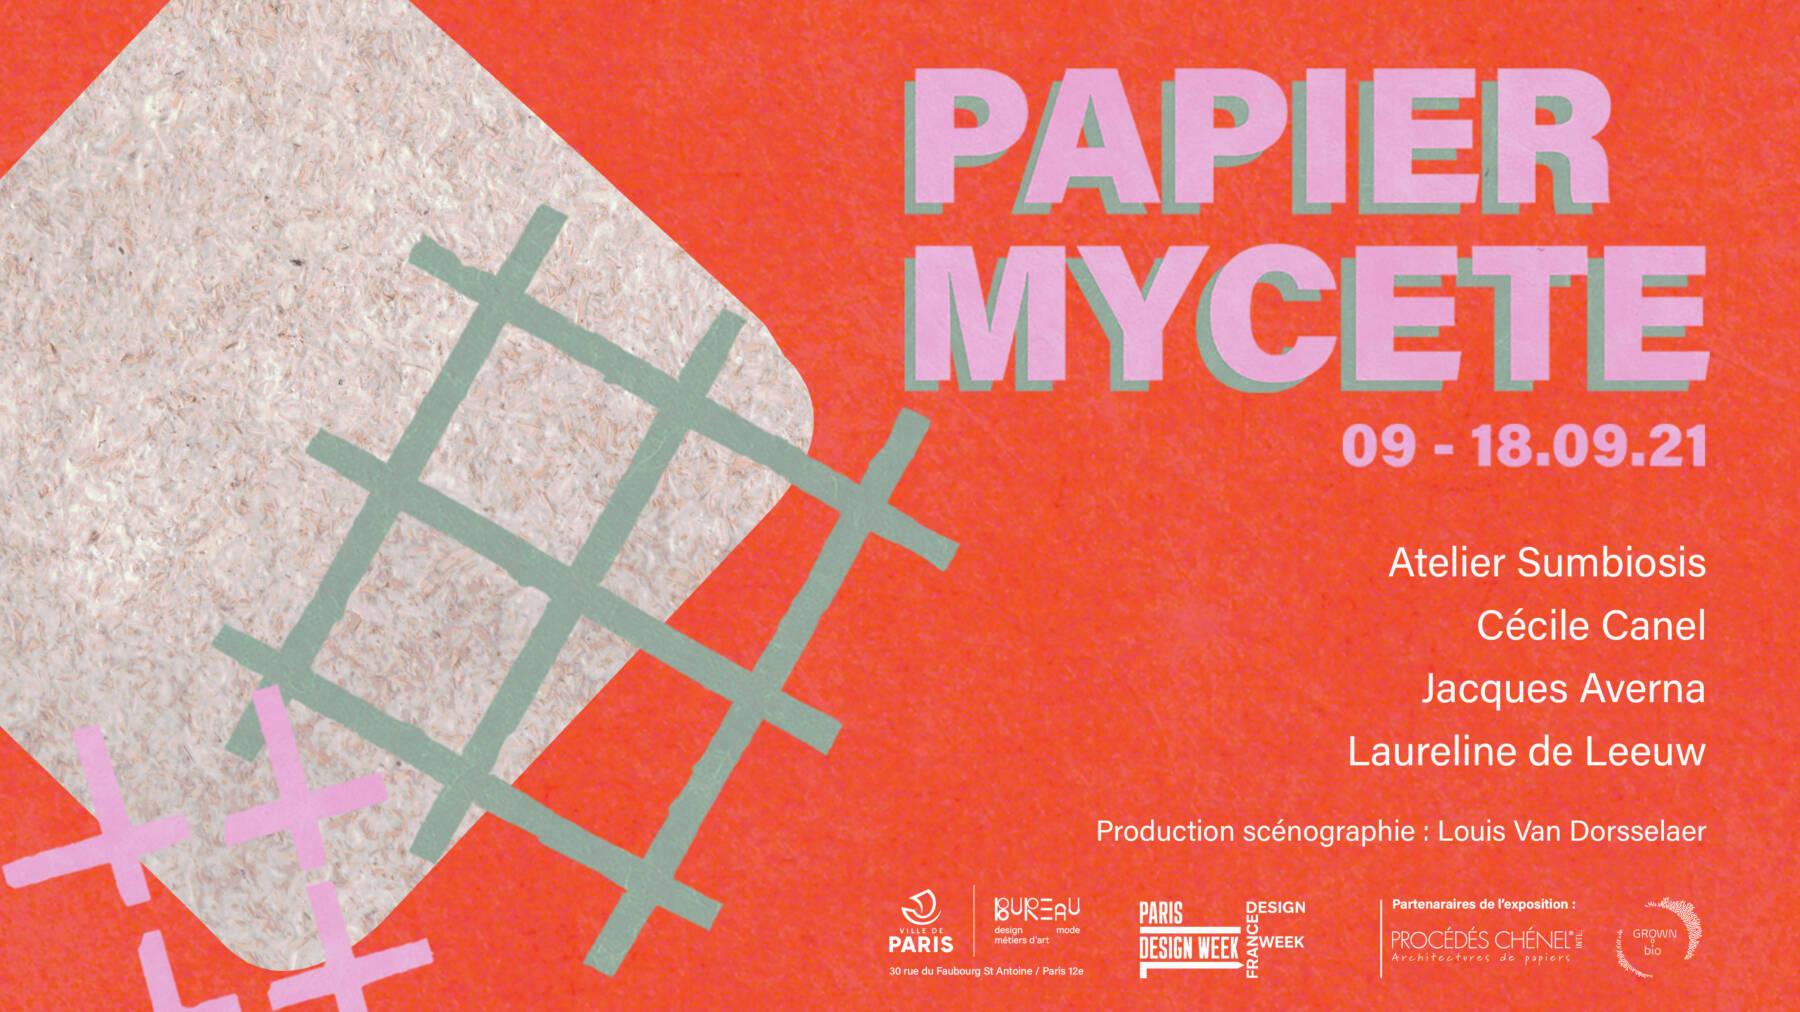 Affiche de l'exposition Papier Mycète